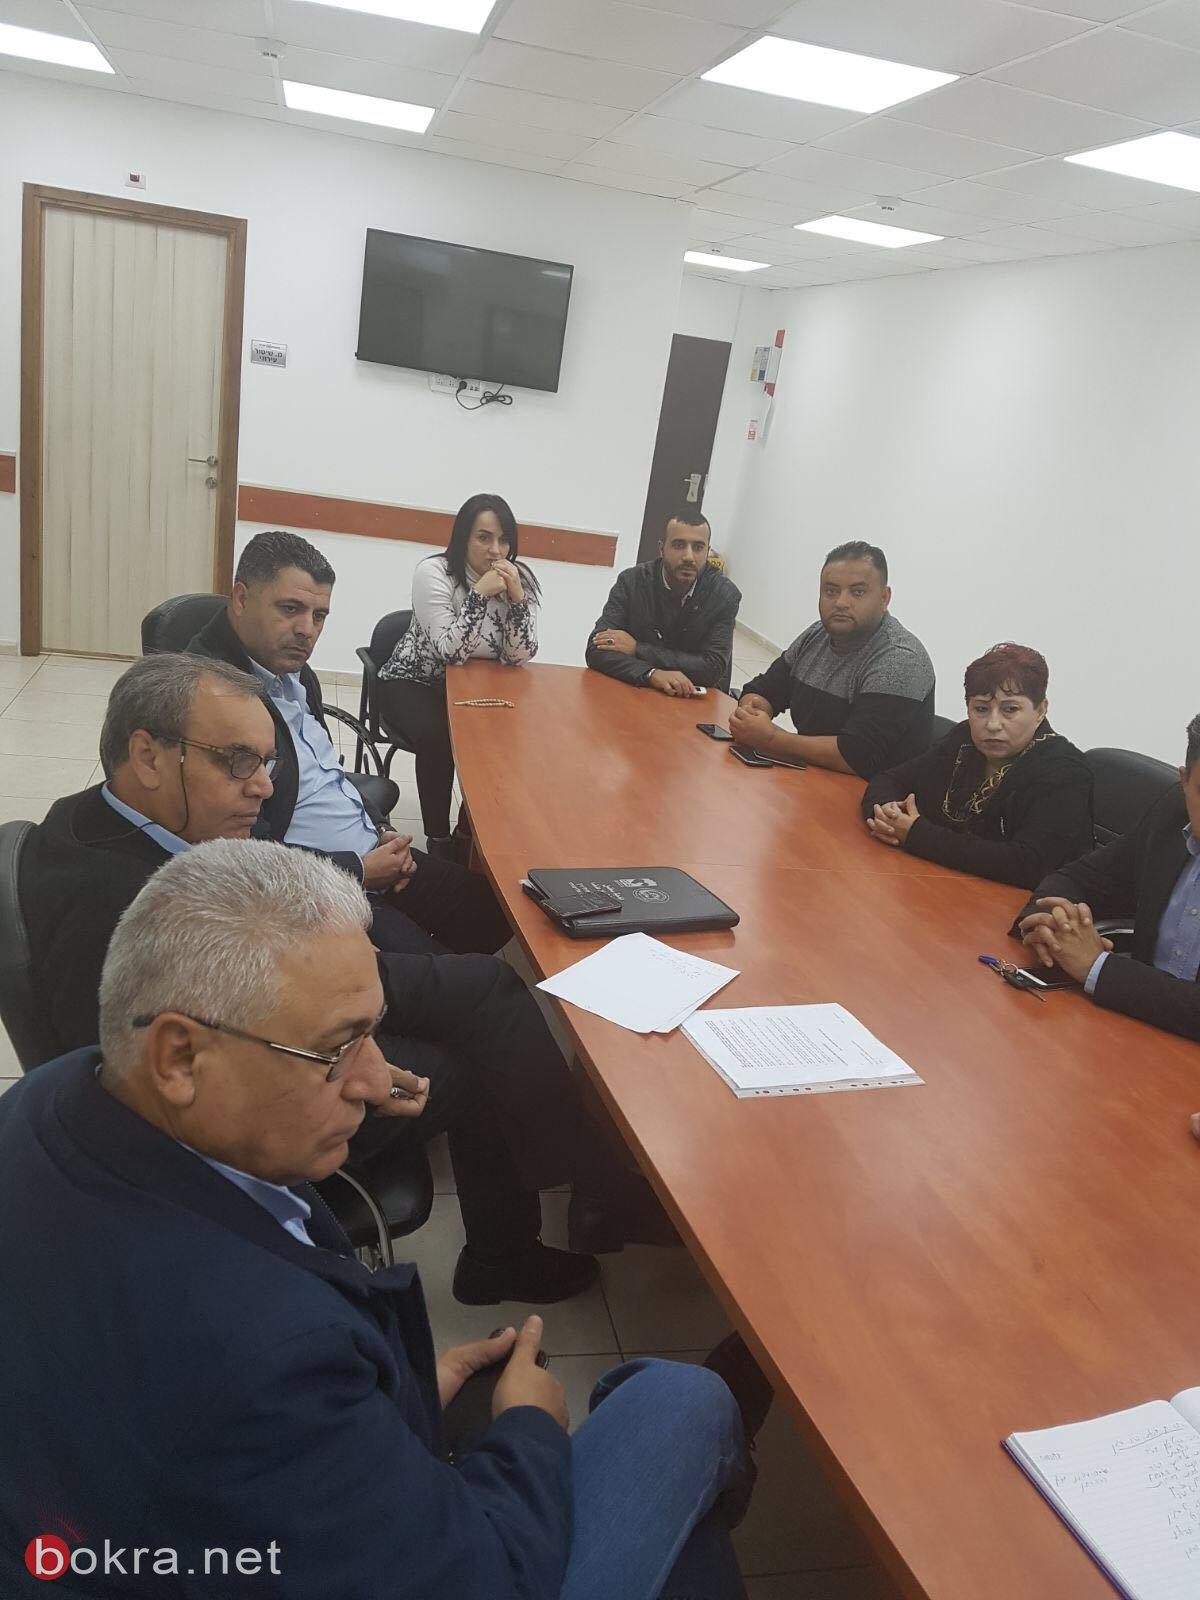 سخنين: اللجنة الشعبية تجتمع بضابط شرطة مسجاف لمناقشة حداث العنف